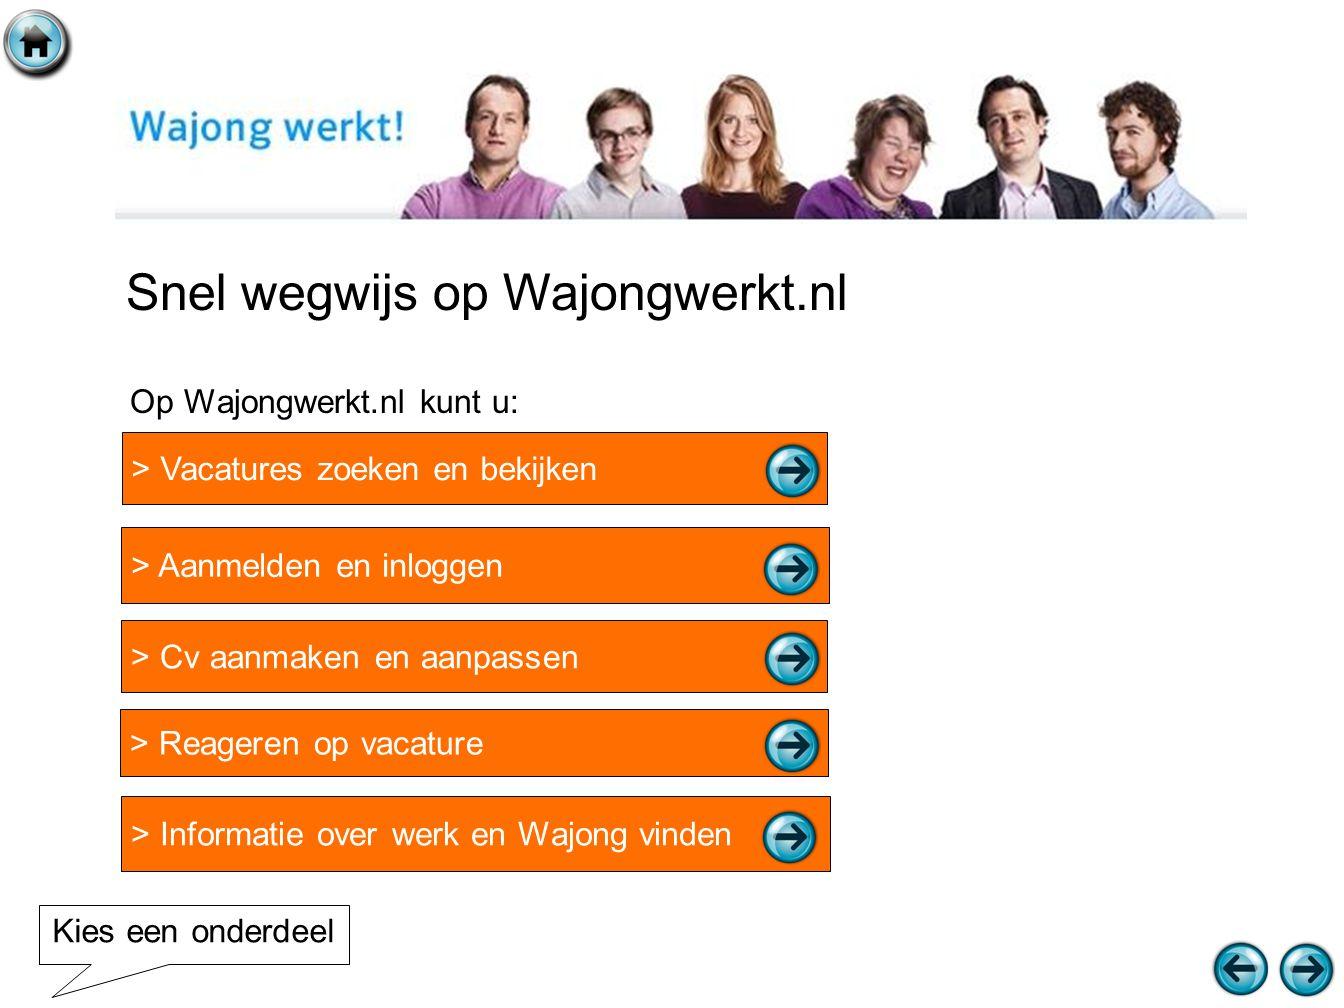 Snel wegwijs op Wajongwerkt.nl > Vacatures zoeken en bekijken > Aanmelden en inloggen > Reageren op vacature > Cv aanmaken en aanpassen > Informatie over werk en Wajong vinden Op Wajongwerkt.nl kunt u: Kies een onderdeel